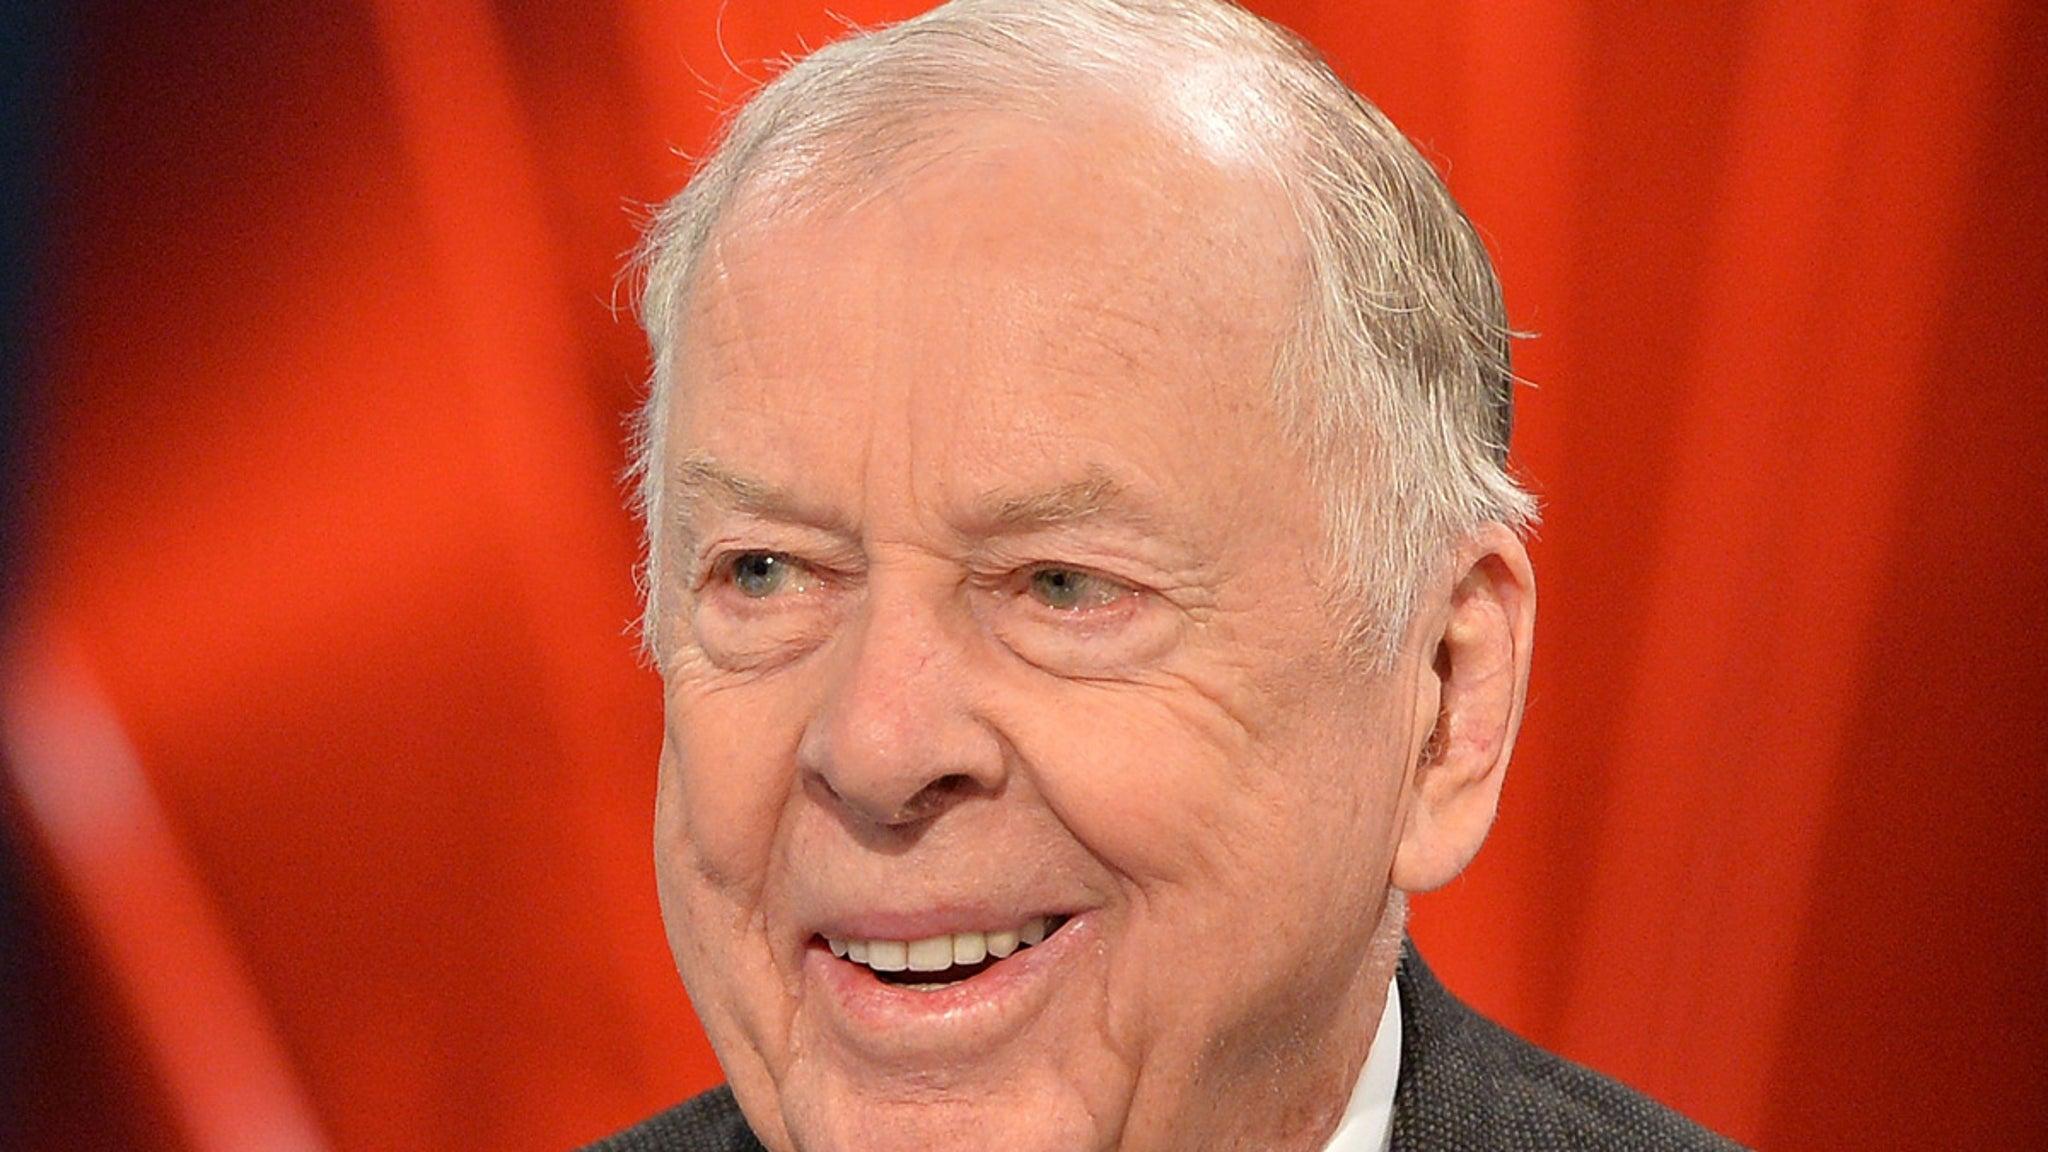 Oil Billionaire T. Boone Pickens Dead at 91